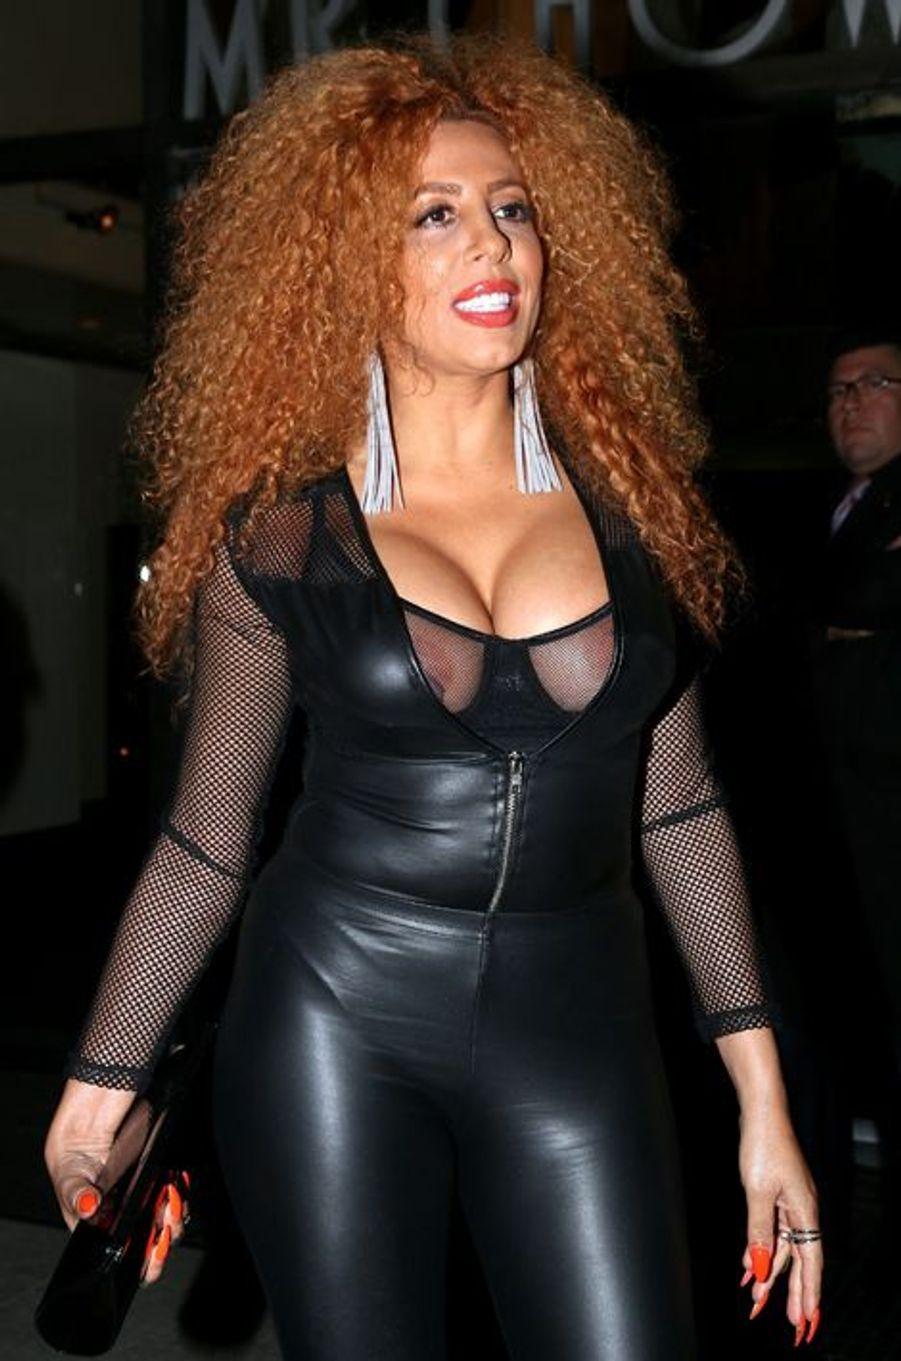 Autre participante de «Loft Story» pour la seconde édition en 2002, Afida Turner, alors connue sous le nom de Lesly Mess, retrouve rapidement l'anonymat lors de sa sortie de l'émission. Exilée aux États-Unis, elle épouse en 2007 le fils de Tina Turner, Ronnie Turner, et revient en France avec un nouveau nom. Elle tente alors de percer dans la chanson mais retrouve finalement la télé-réalité en 2011 avec «Carré Viiip», connaissant ainsi un des échecs les plus remarquables du genre puisque la diffusion est interrompue au bout de treize jours.